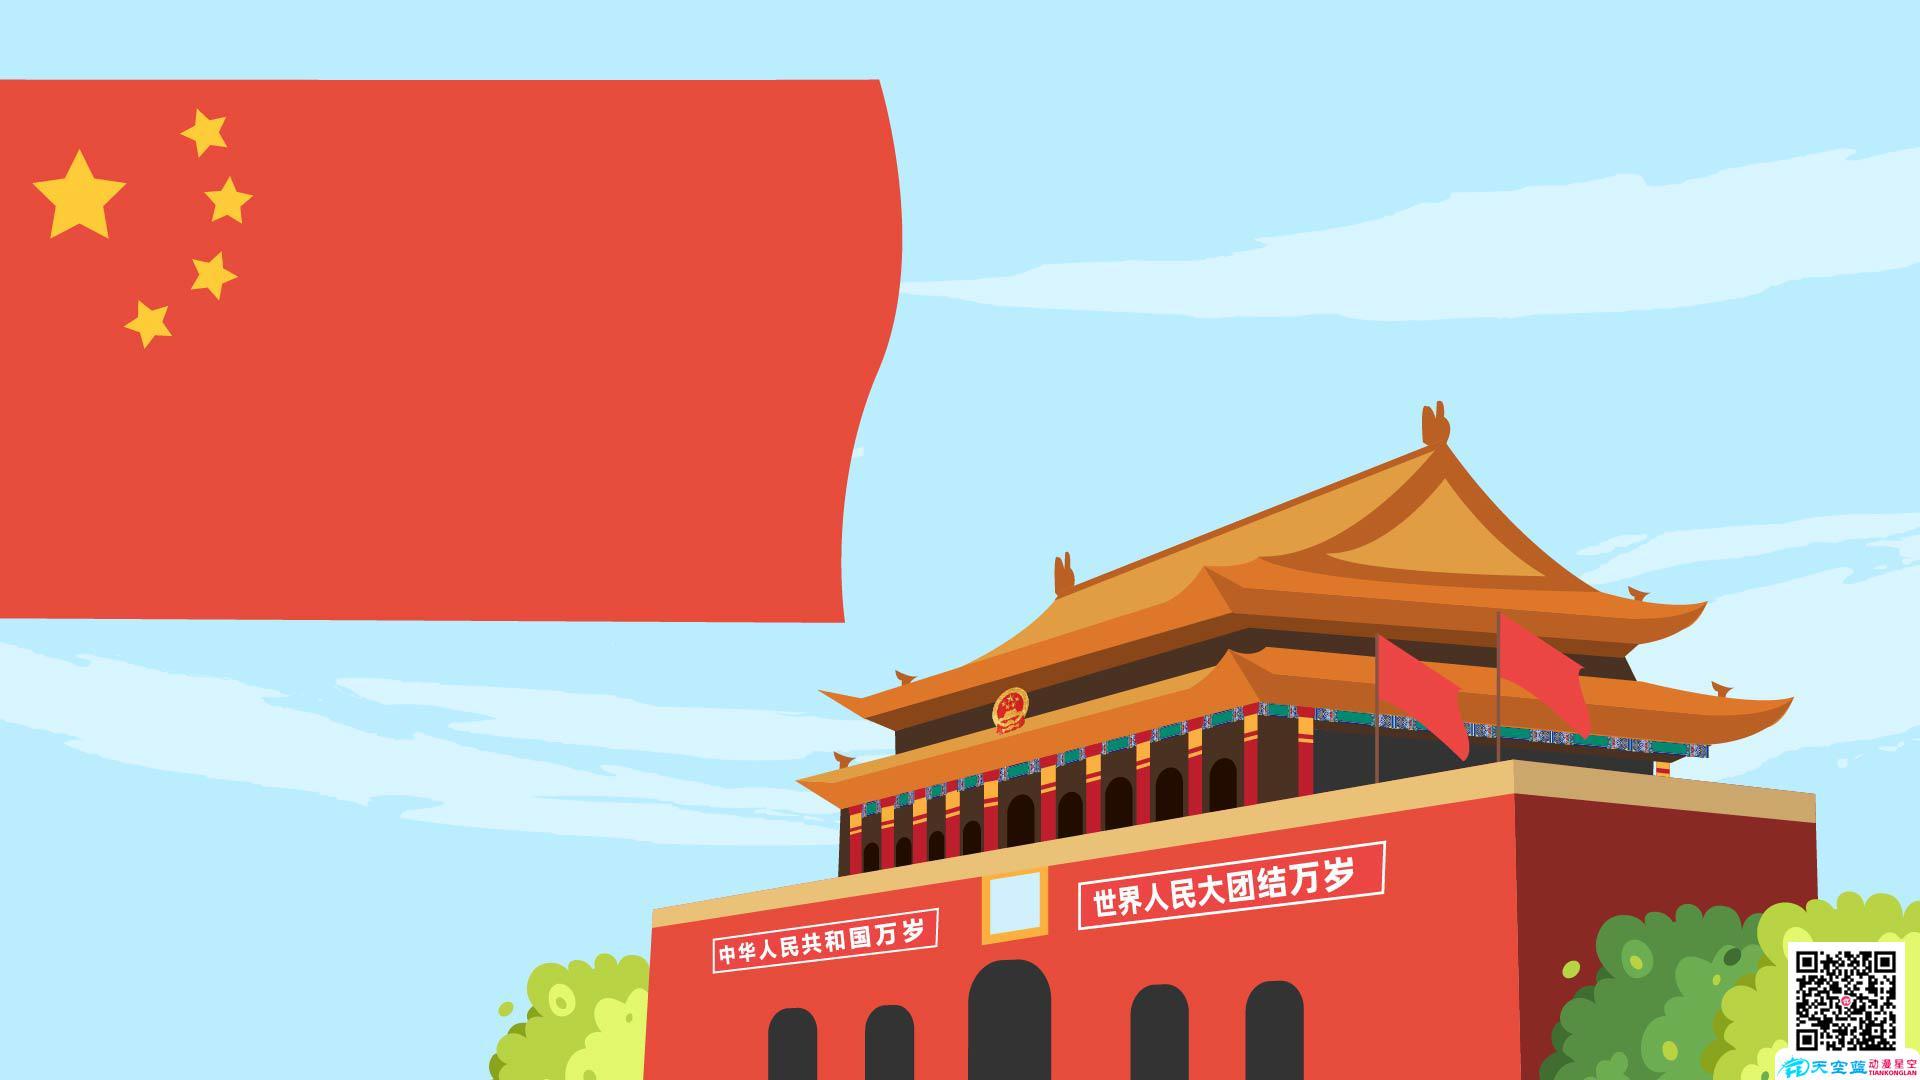 红色革命题材《咸来革命三大战役》flash动画宣传片制作